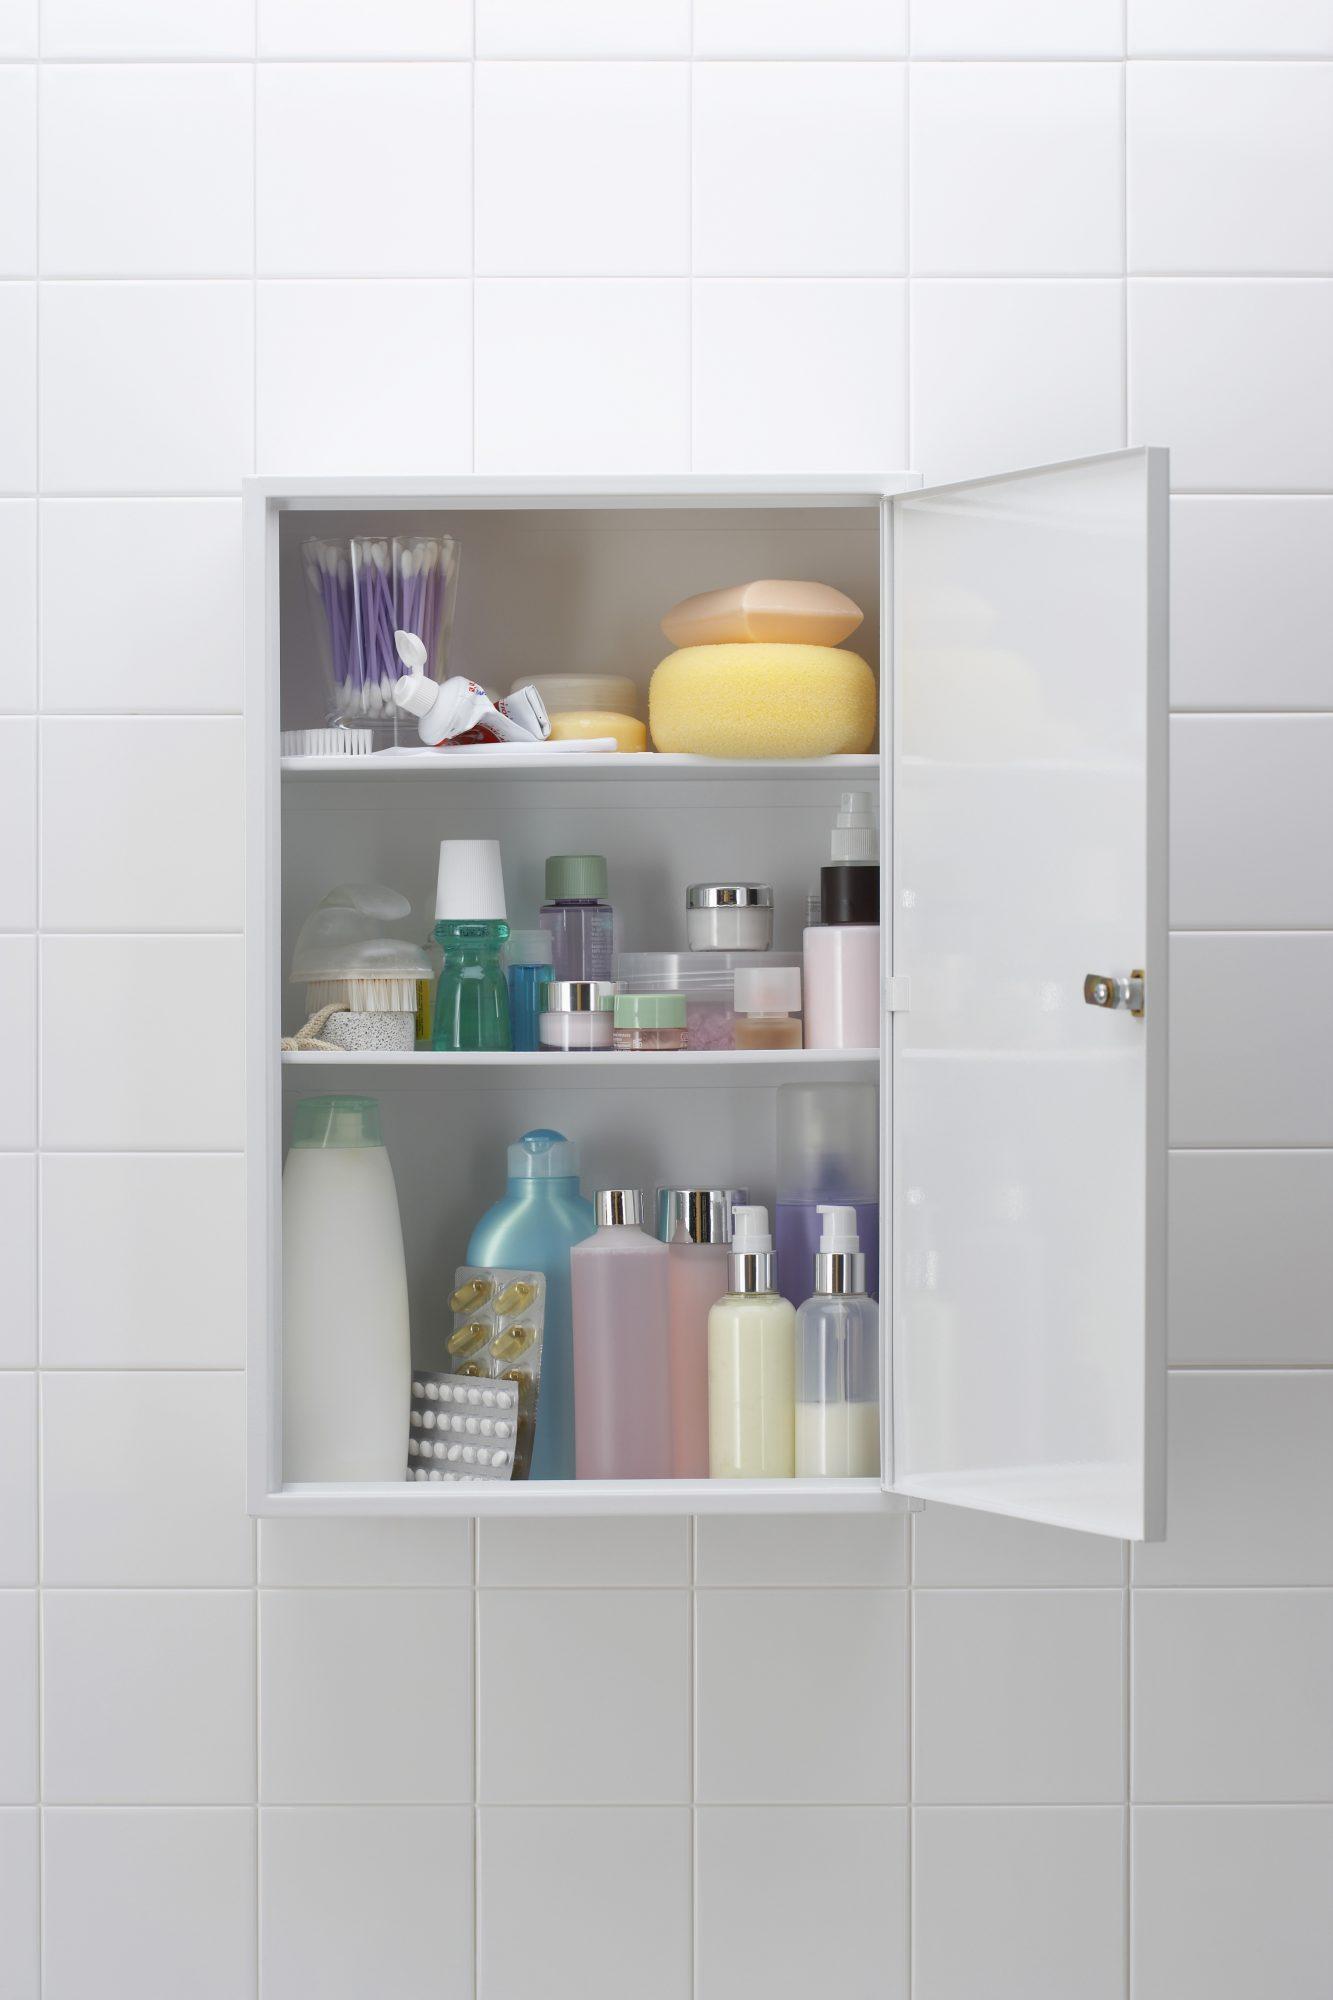 Productos de belleza, higiene, coronavirus